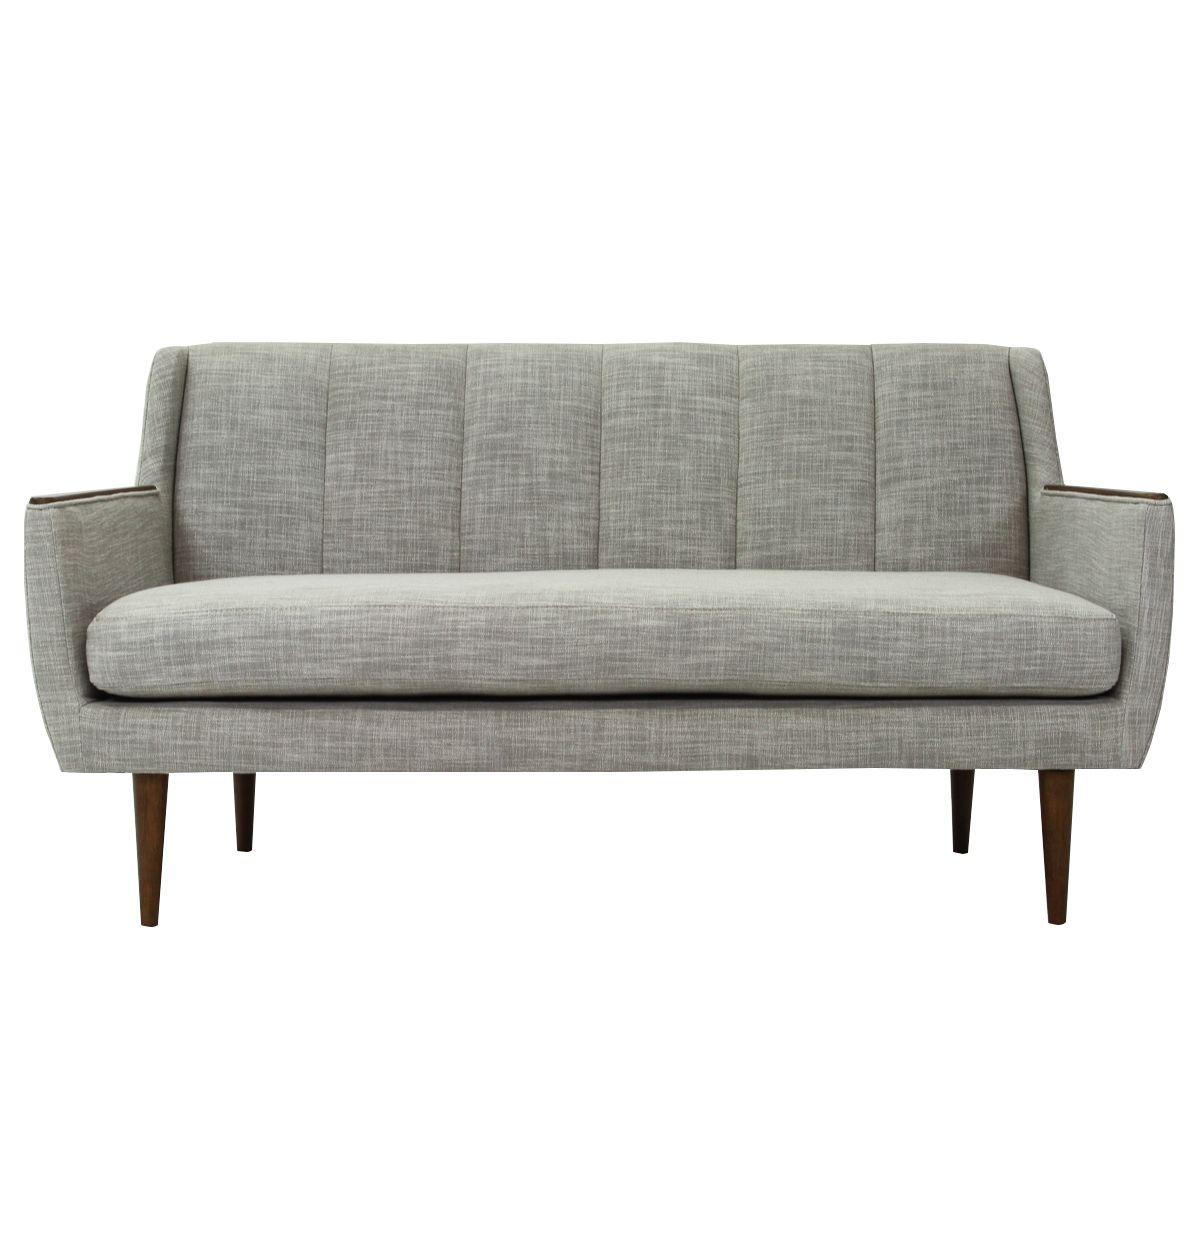 Cincinnati Fabric 2 Seater Sofa